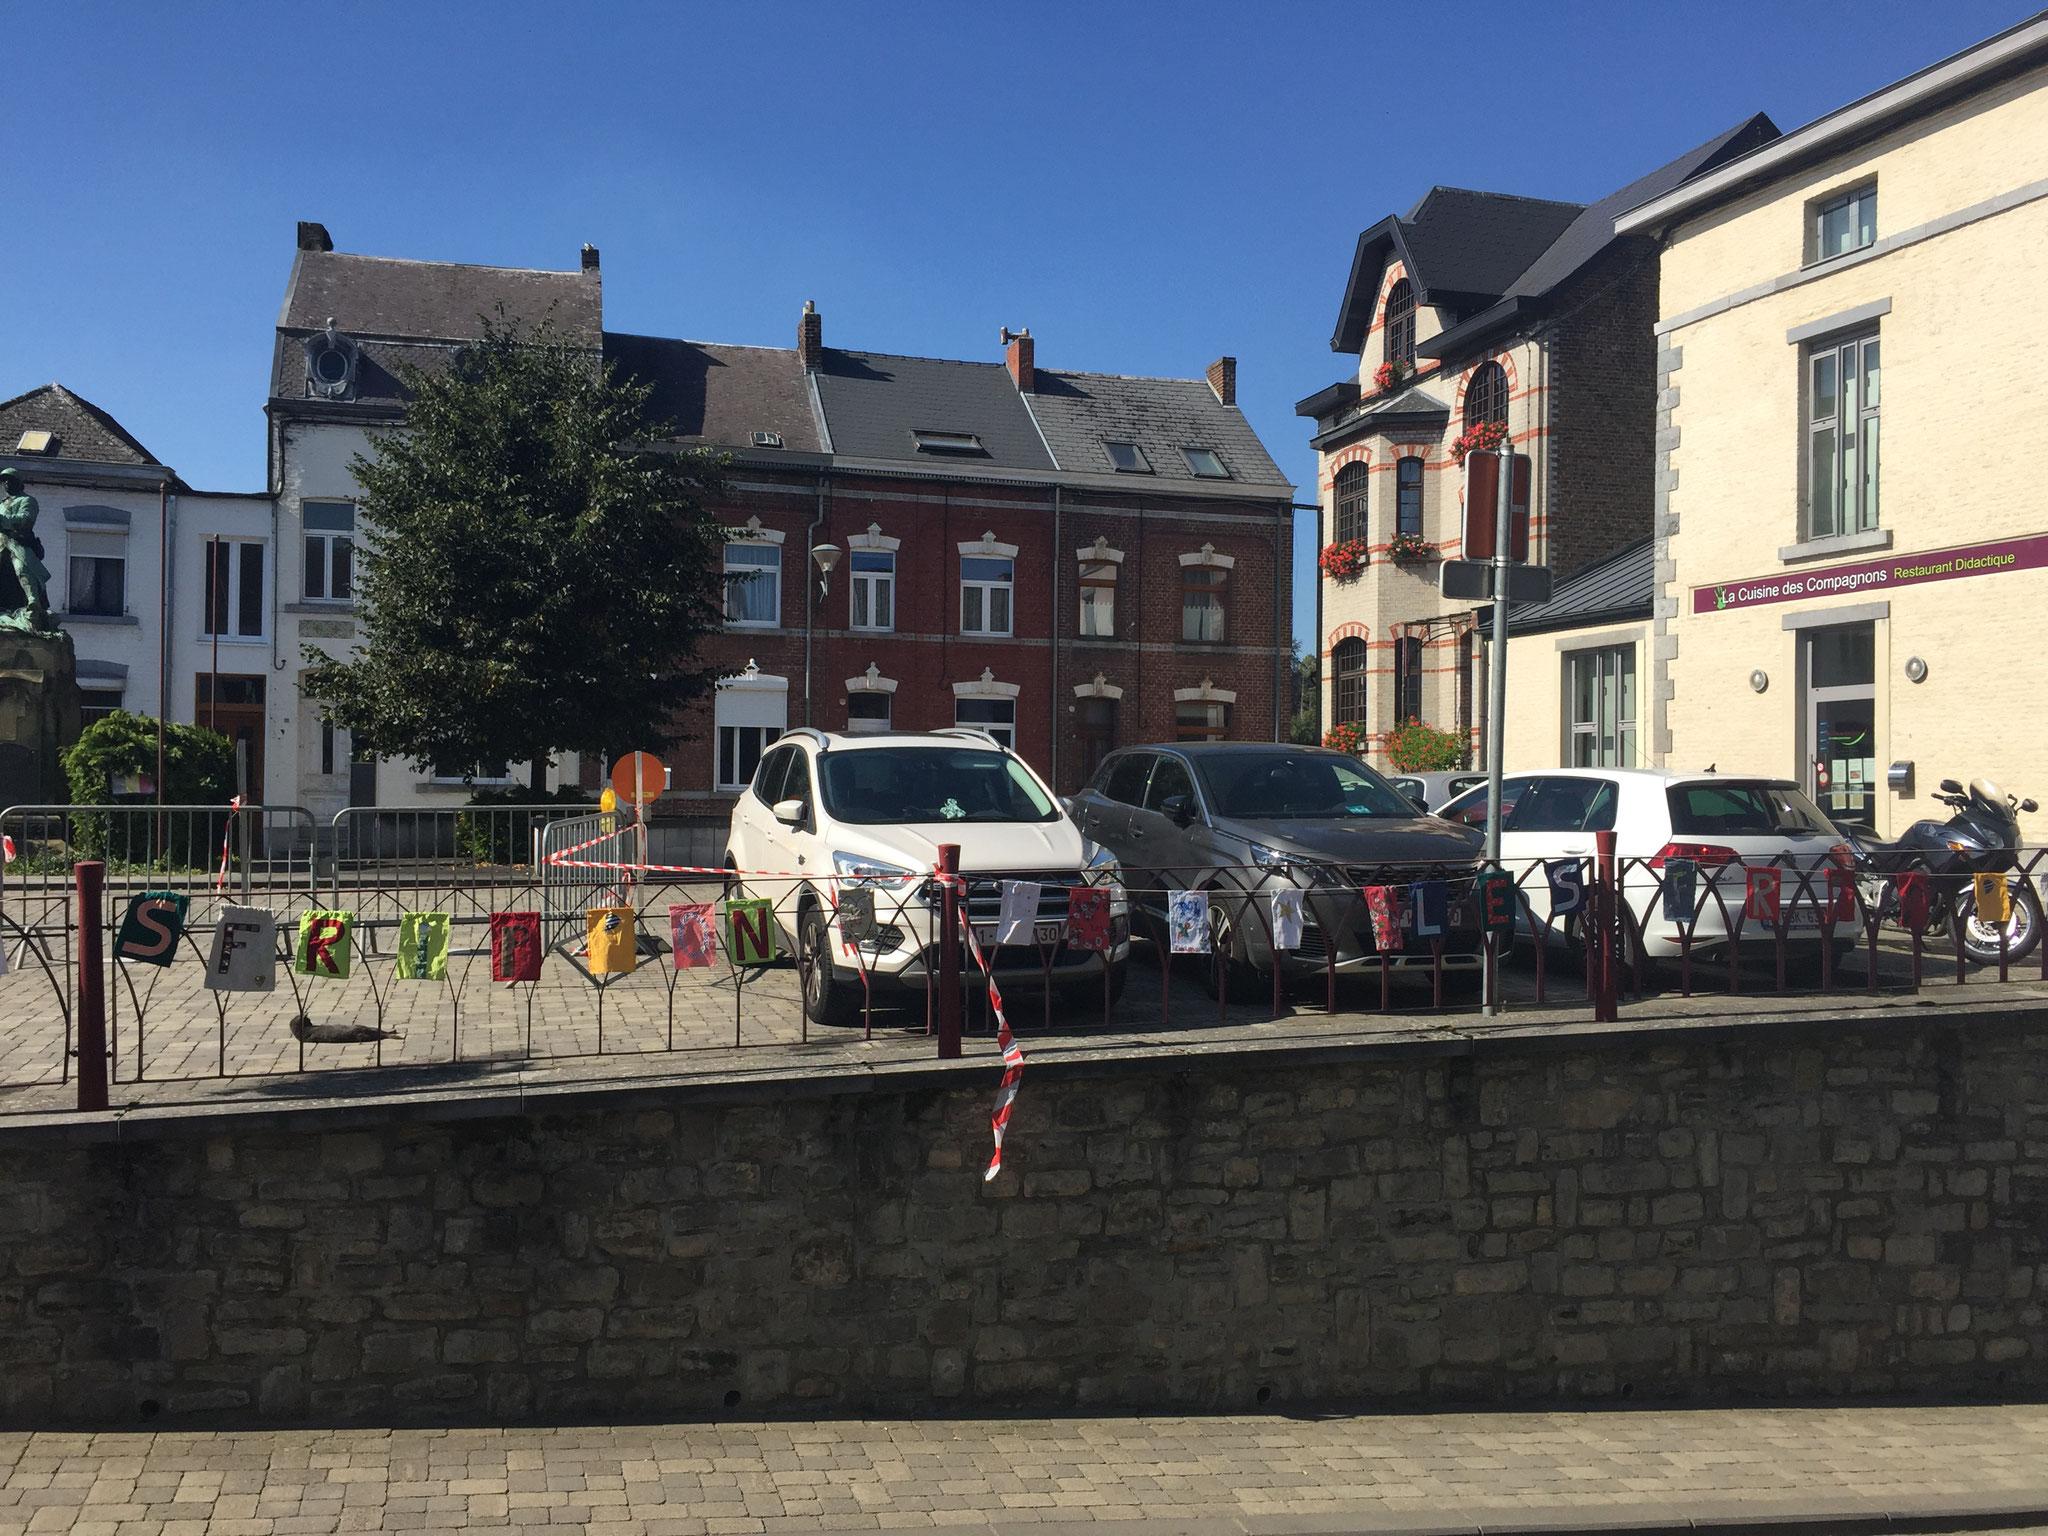 Près de 300 fanions ont été réalisés par des citoyens et installés durant le mois de septembre 2021 dans les rues de Walcourt ©dorothee